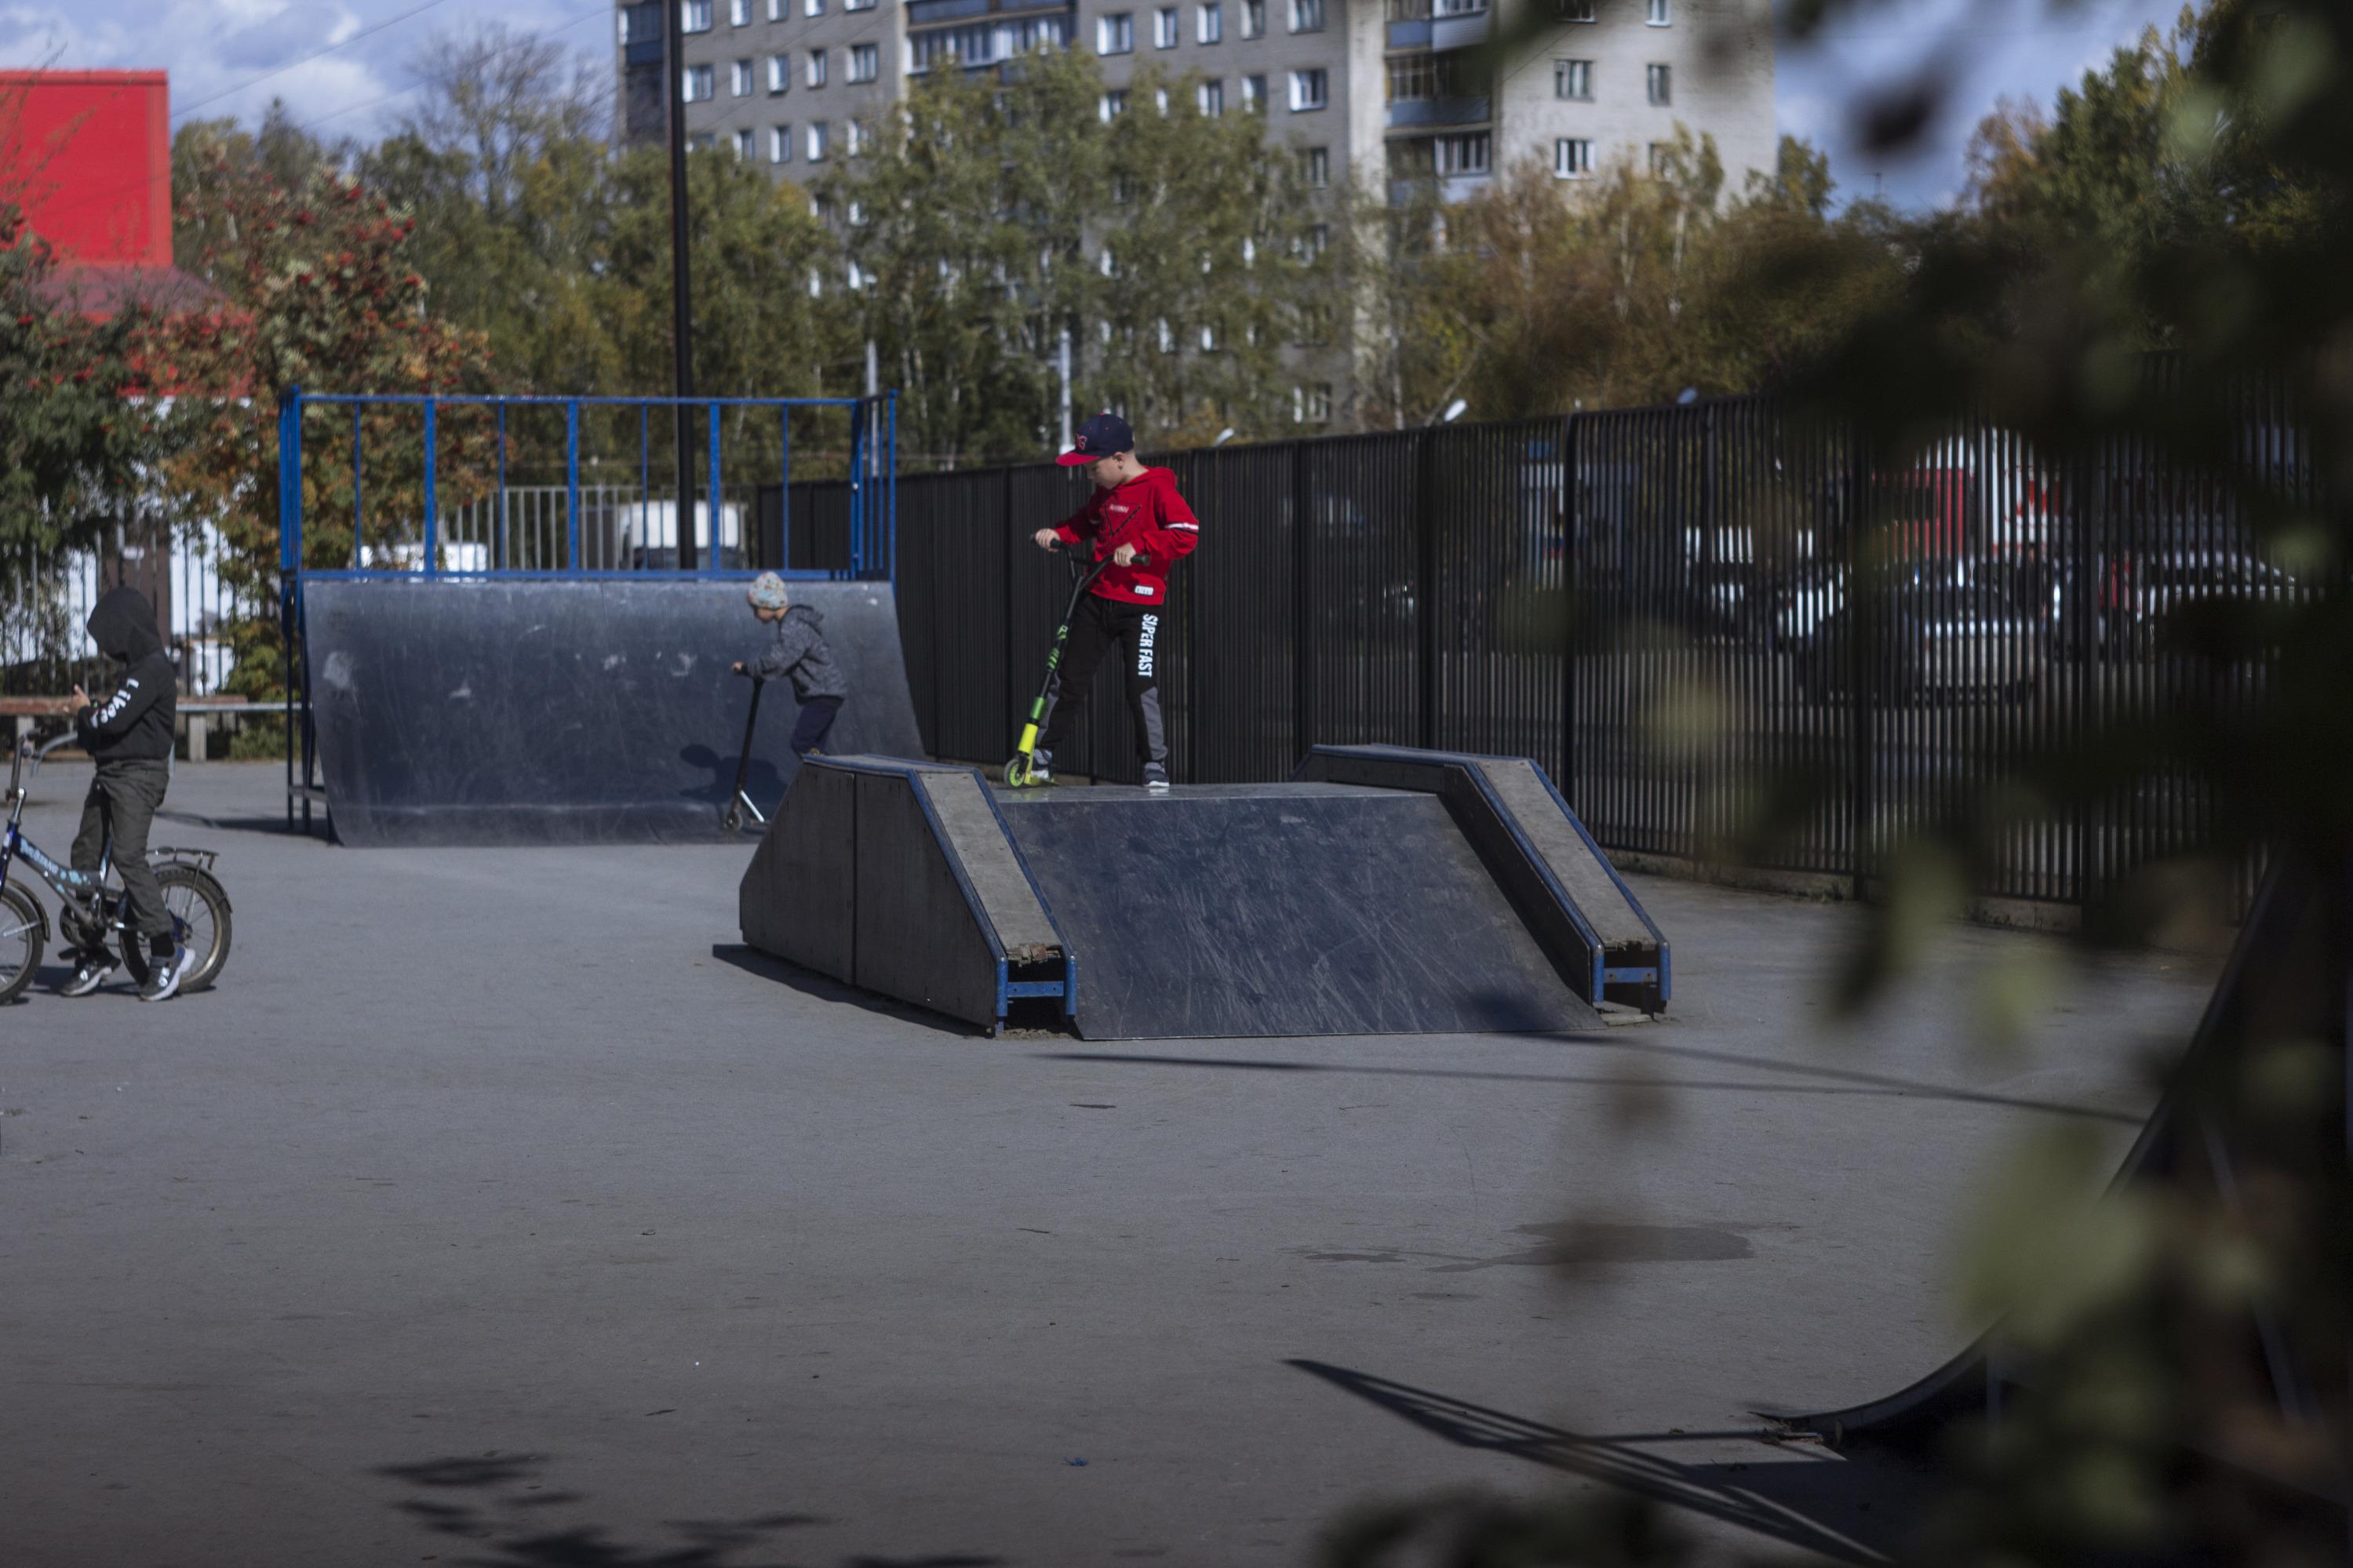 В Затулинском дисперсном парке уже работает скейт-парк, в котором мальчики катаются на самокатах